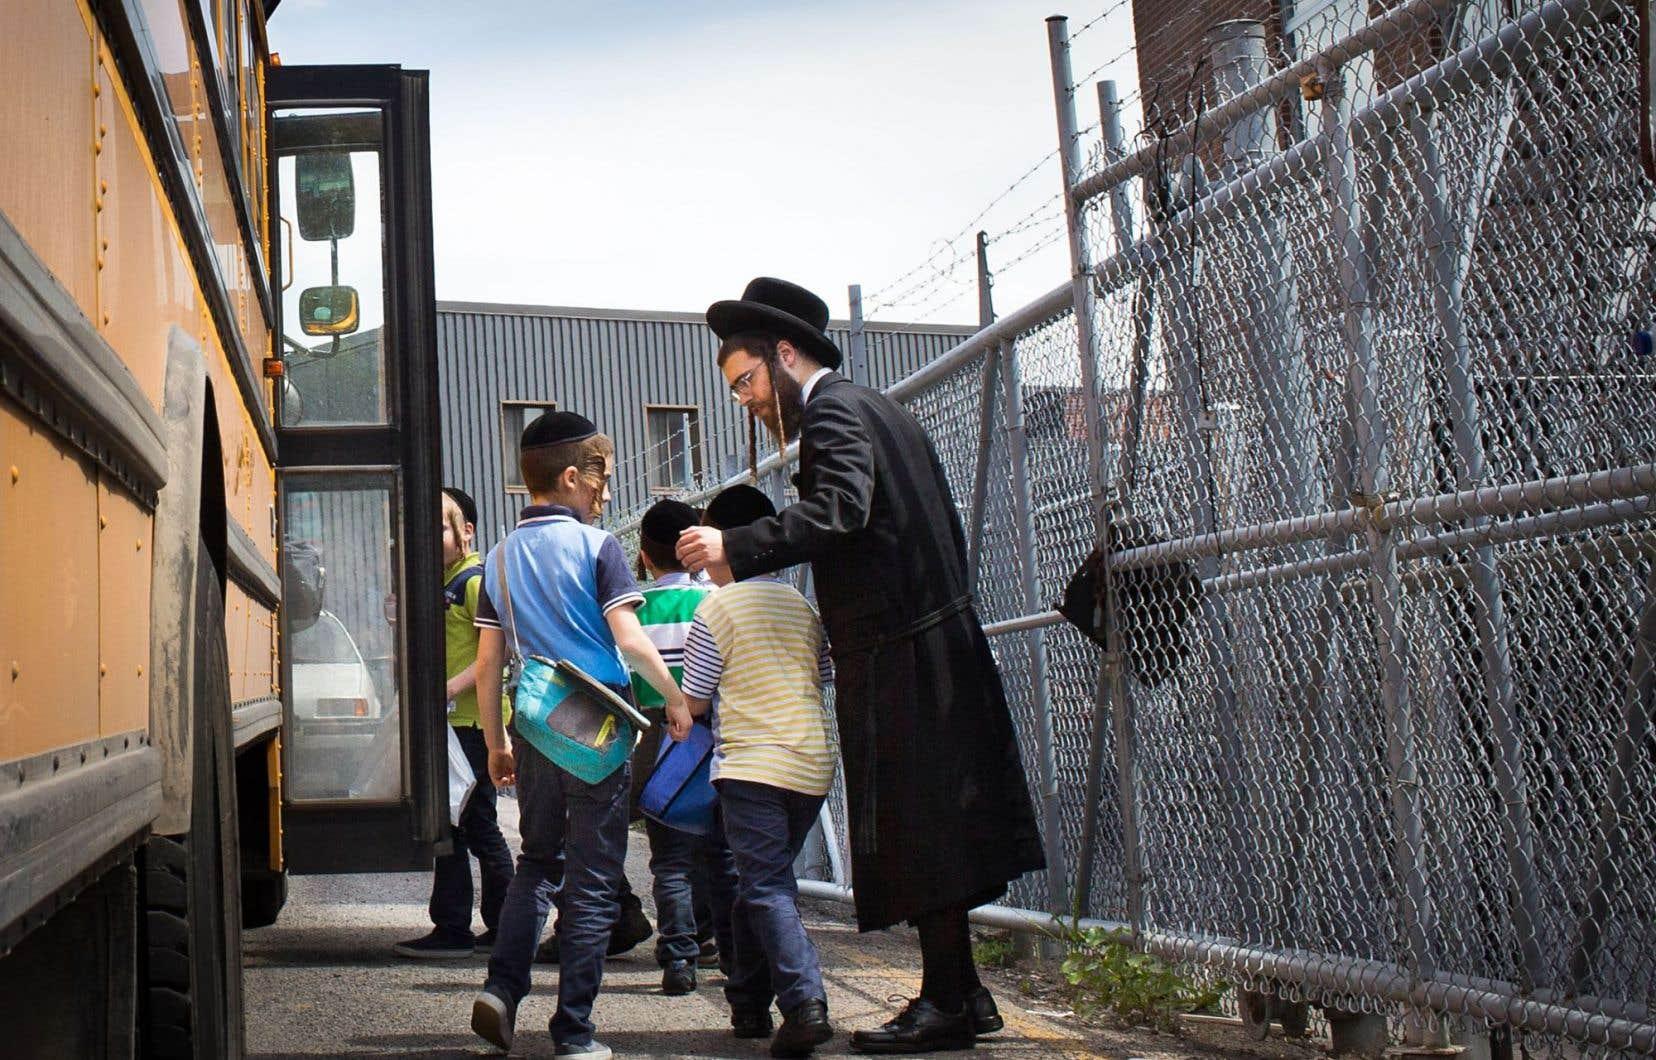 Juif datant de Montréal